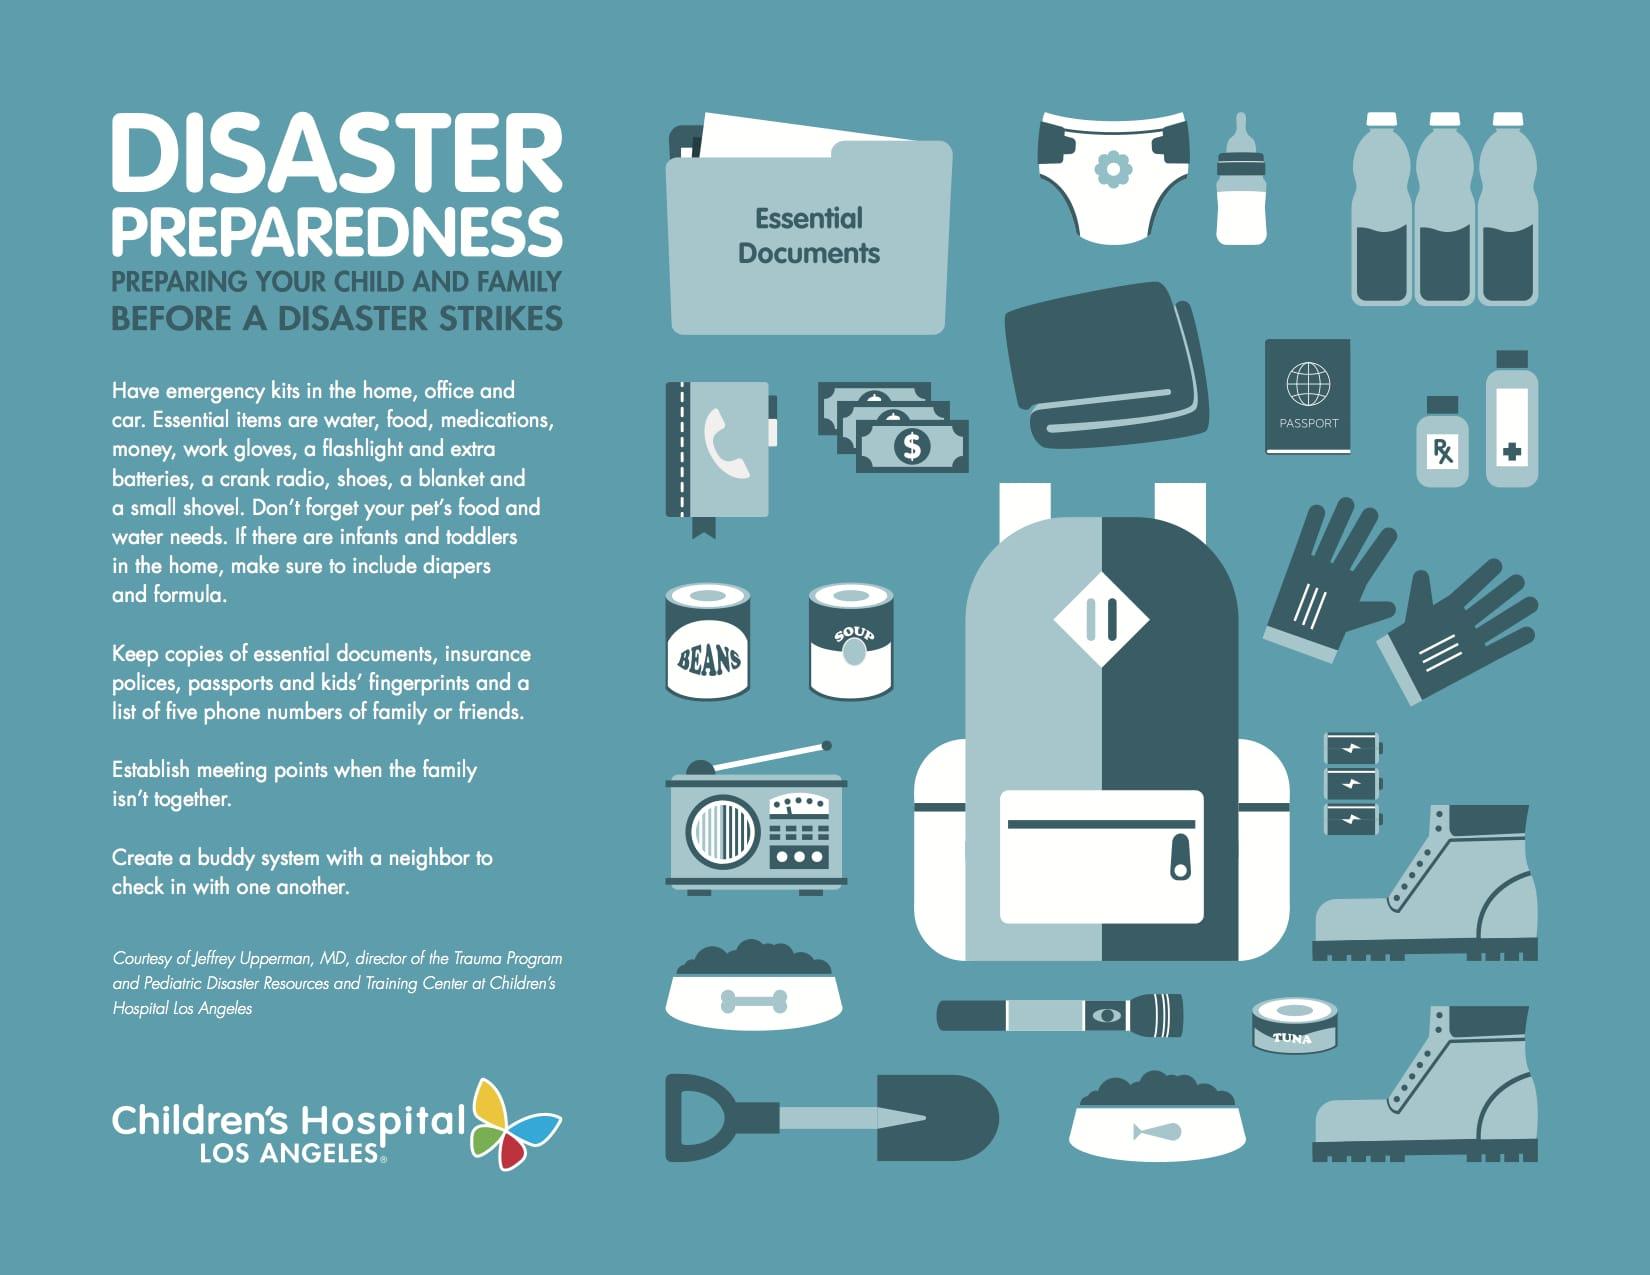 DisasterPreparedness_Infographic_HORIZ[1].jpg